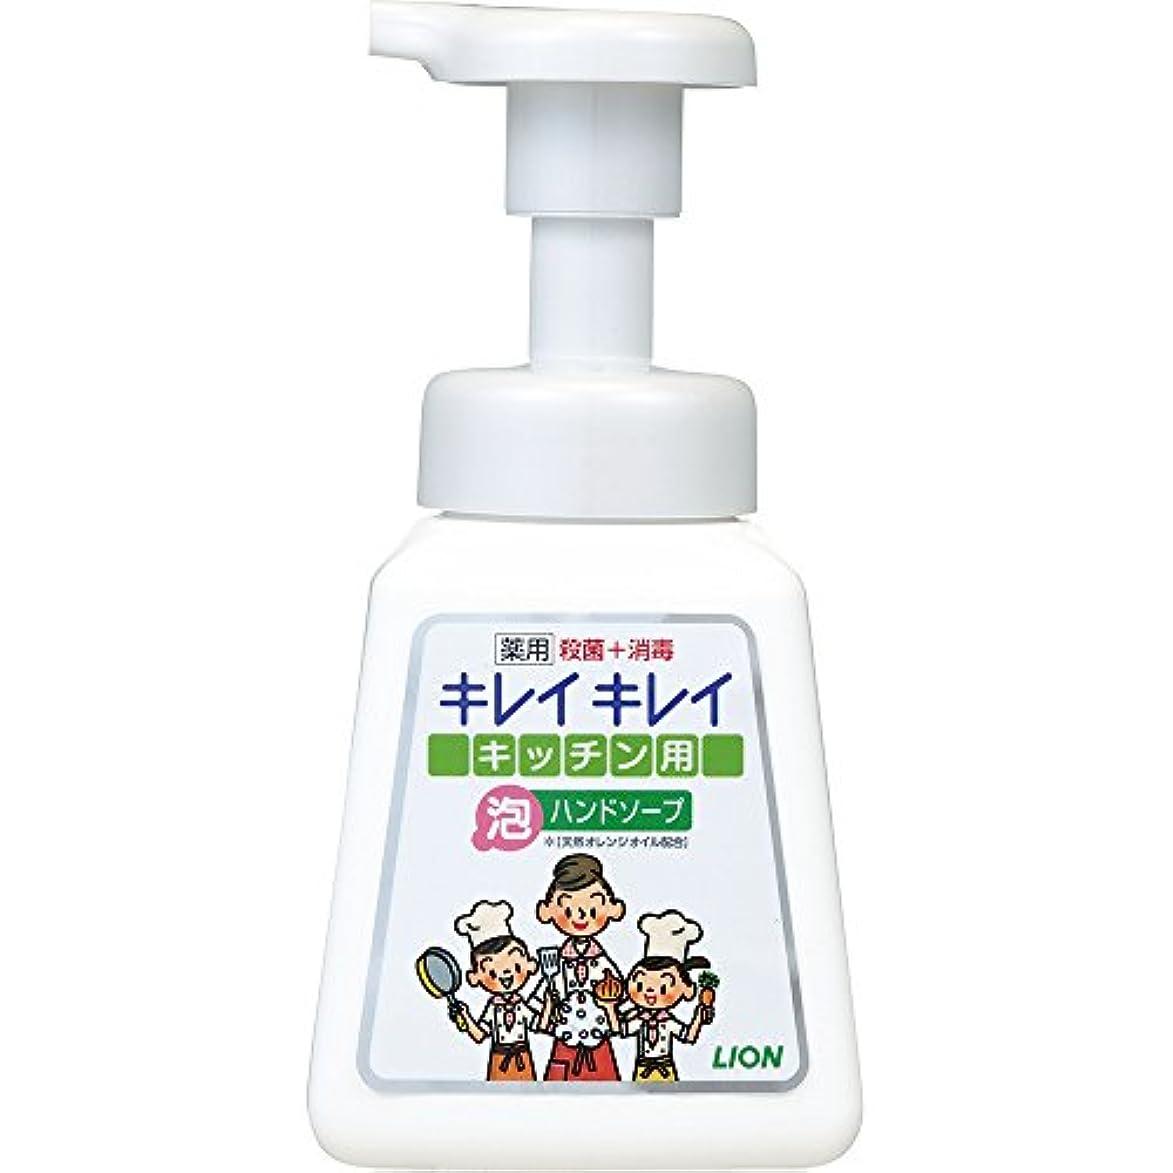 ふつうブラスト逆さまにキレイキレイ 薬用 キッチン泡ハンドソープ 本体ポンプ 230ml(医薬部外品)